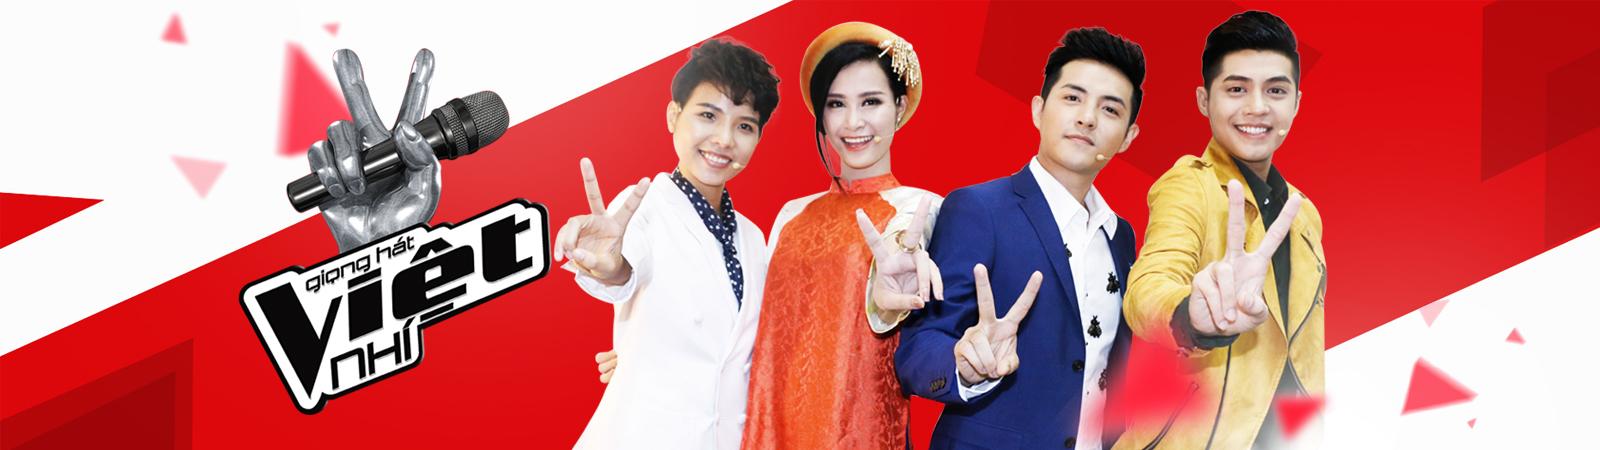 Giọng Hát Việt Nhí 2016